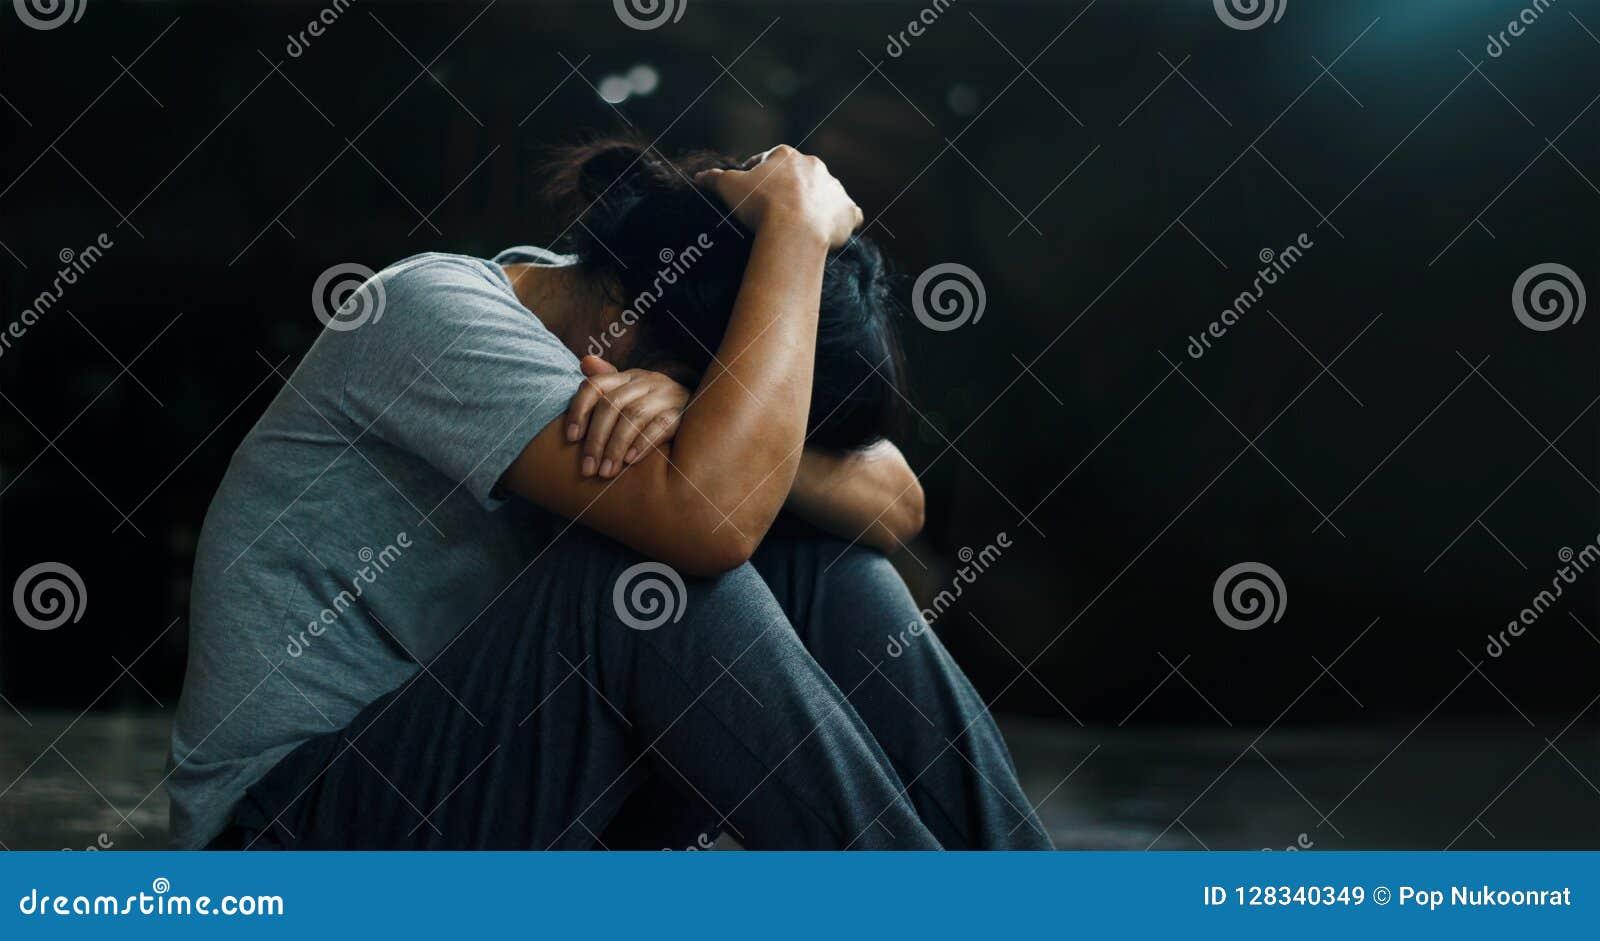 PTSD zdrowie psychiczne pojęcie Poczta stresu Pourazowy nieład Przygnębiona kobieta siedzi samotnie na podłoga w ciemnego pokoju